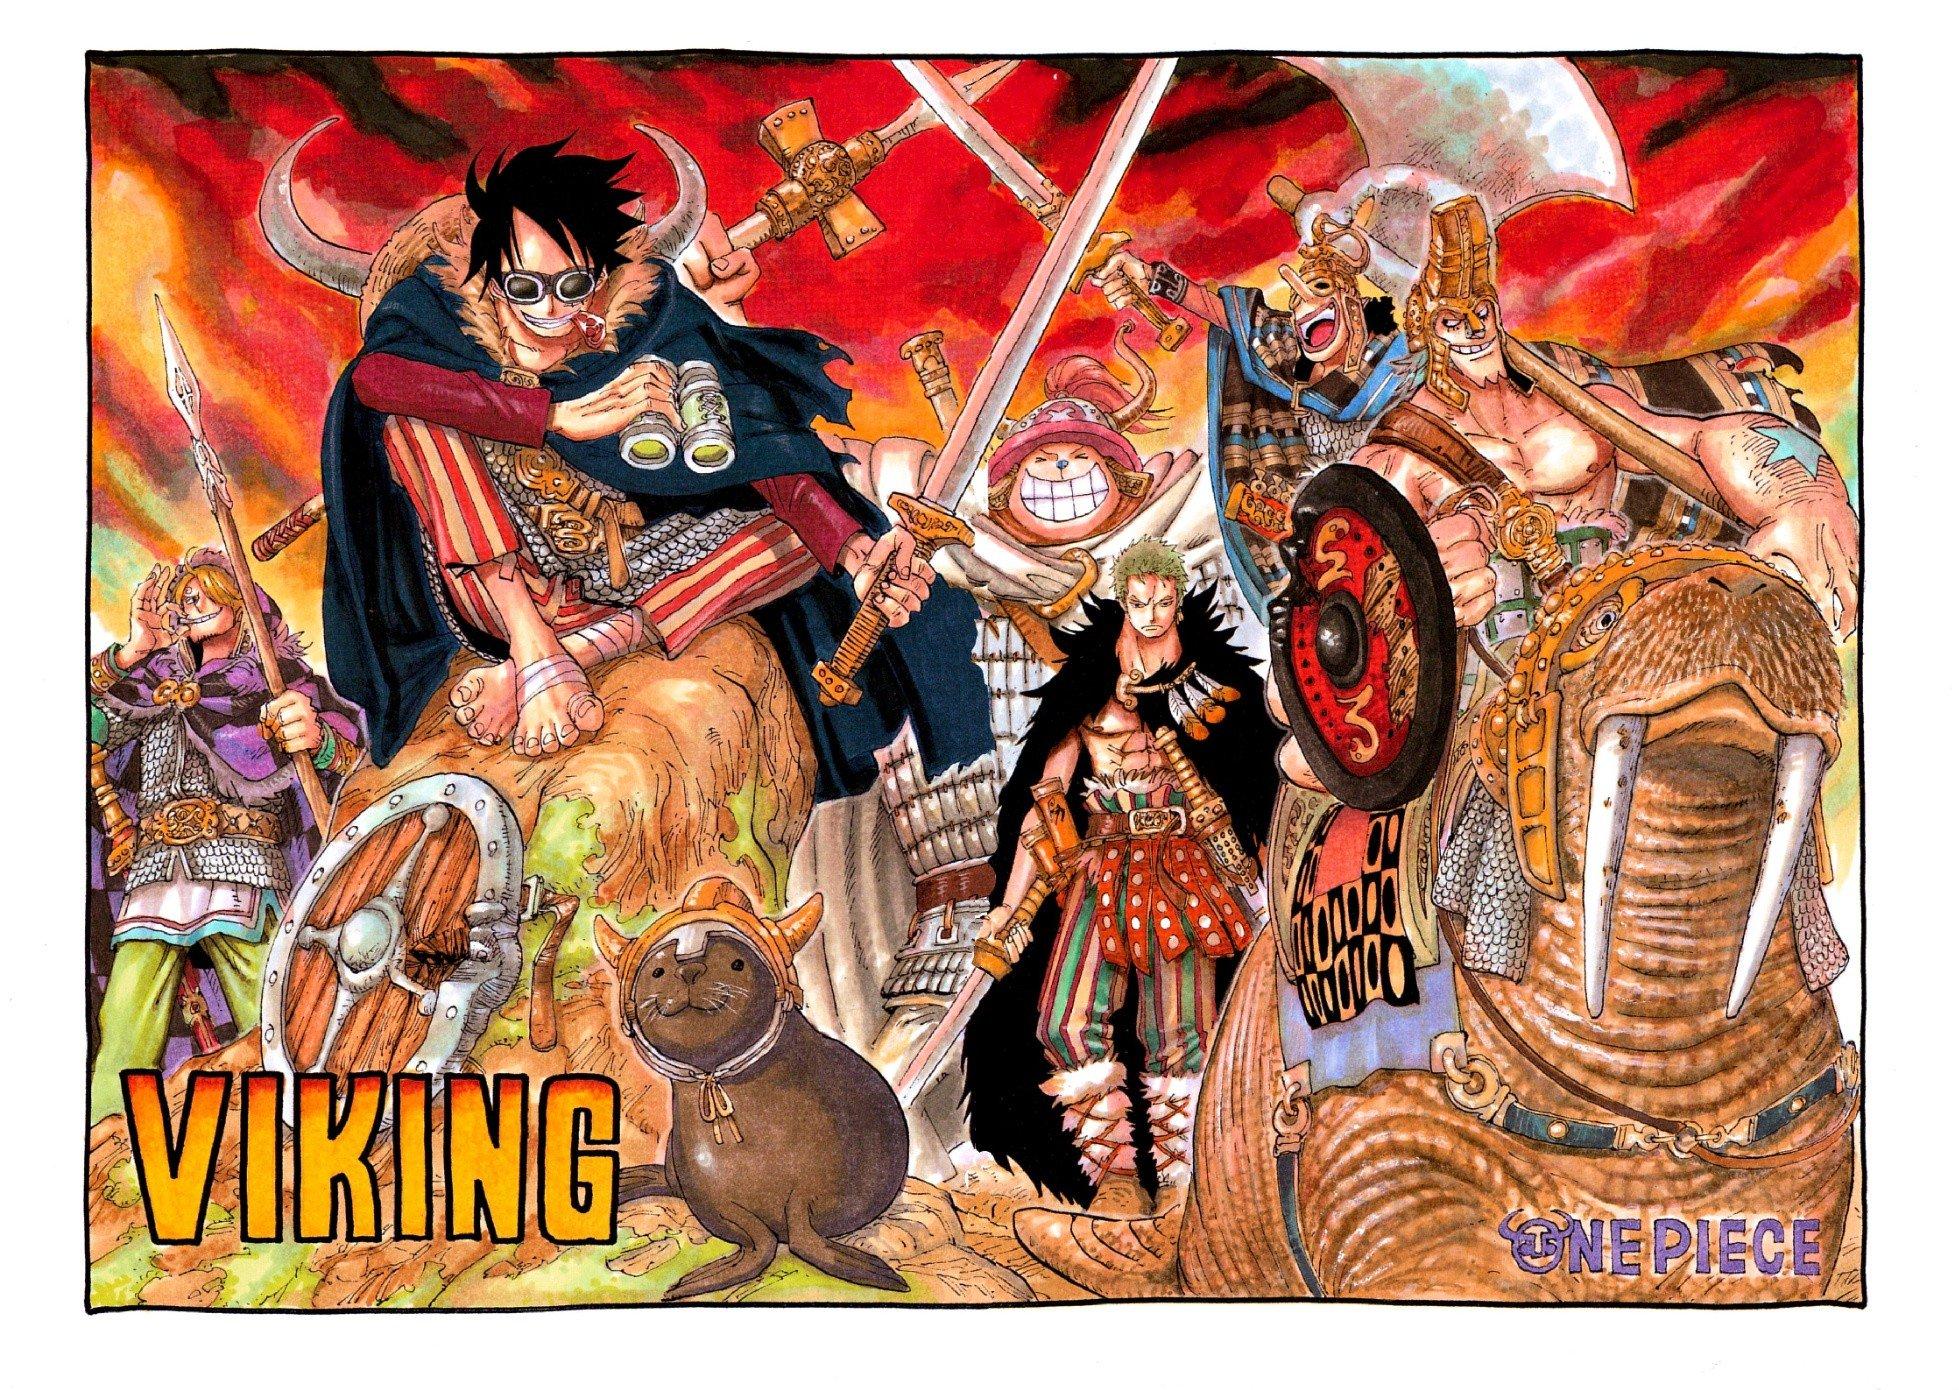 One Piece, Monkey D. Luffy, Sanji, Roronoa Zoro, Tony Tony Chopper, Usopp, Vikings, Sword Wallpaper